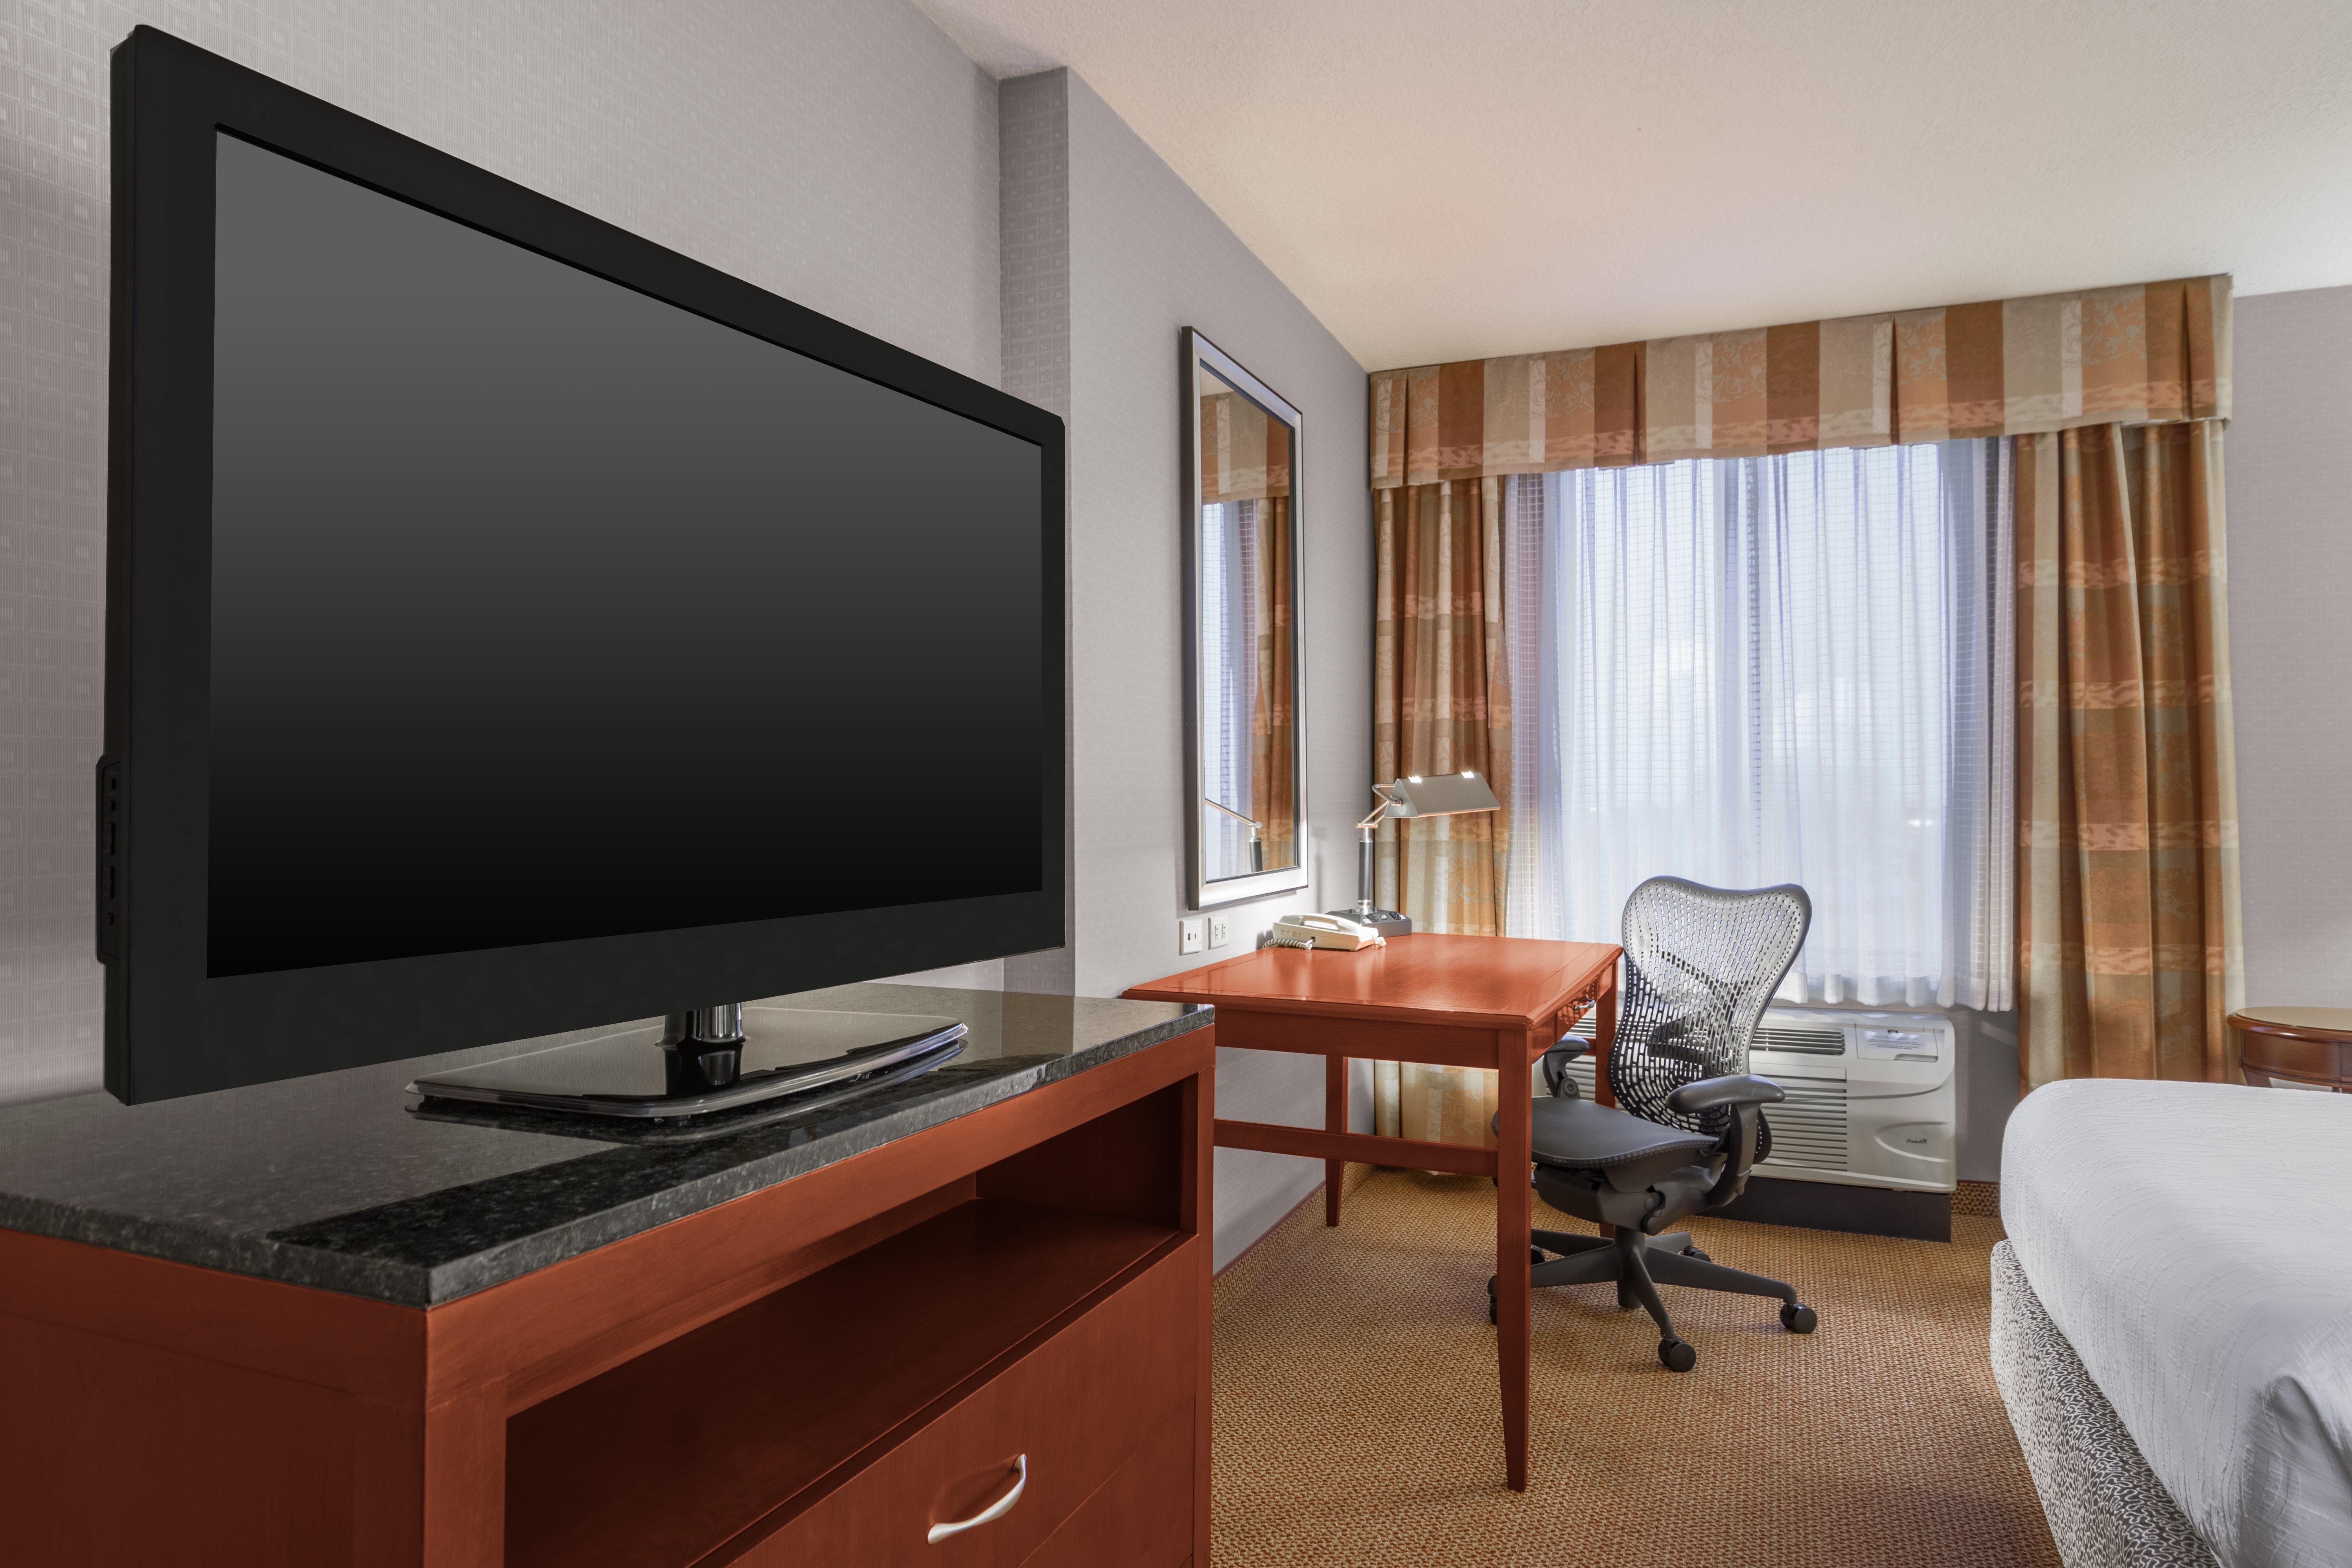 https://www.hotelsbyday.com/_data/default-hotel_image/3/16019/dsc-6555-hdra.jpg